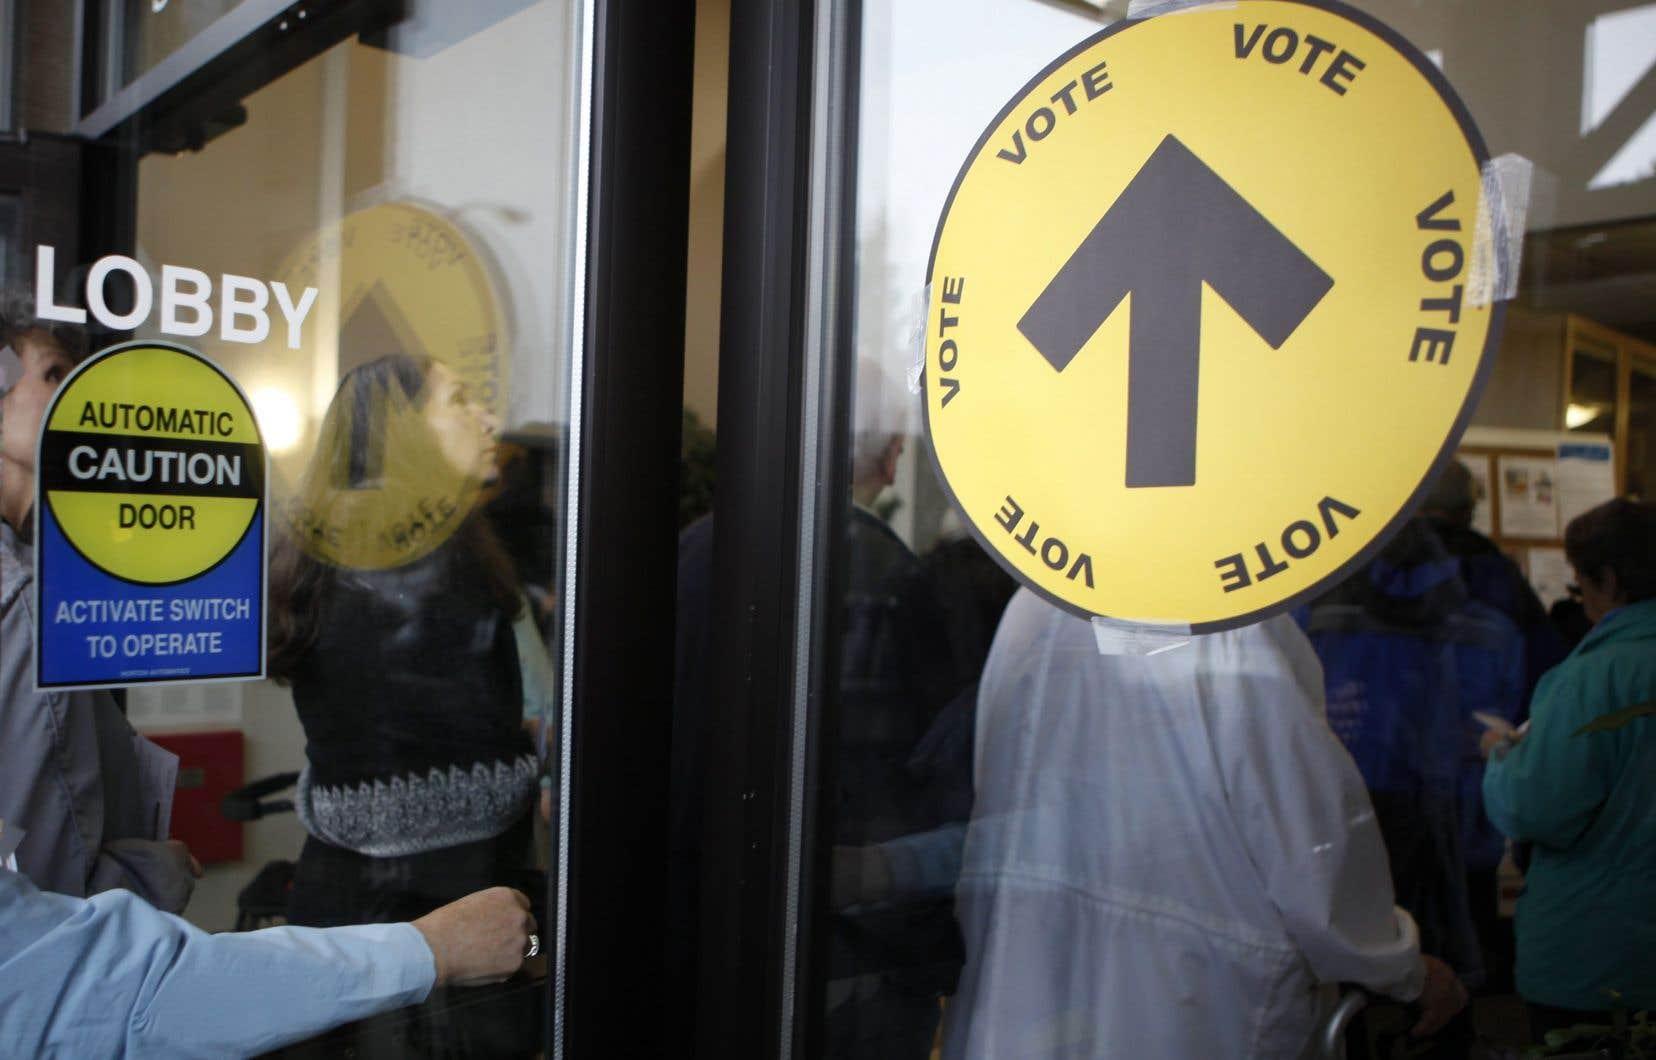 La loi sur la modernisation des élections a établi une limite de dépenses d'un peu plus de 1million de dollarspour les tiers en période préélectorale et d'environ 500000$ en période électorale.